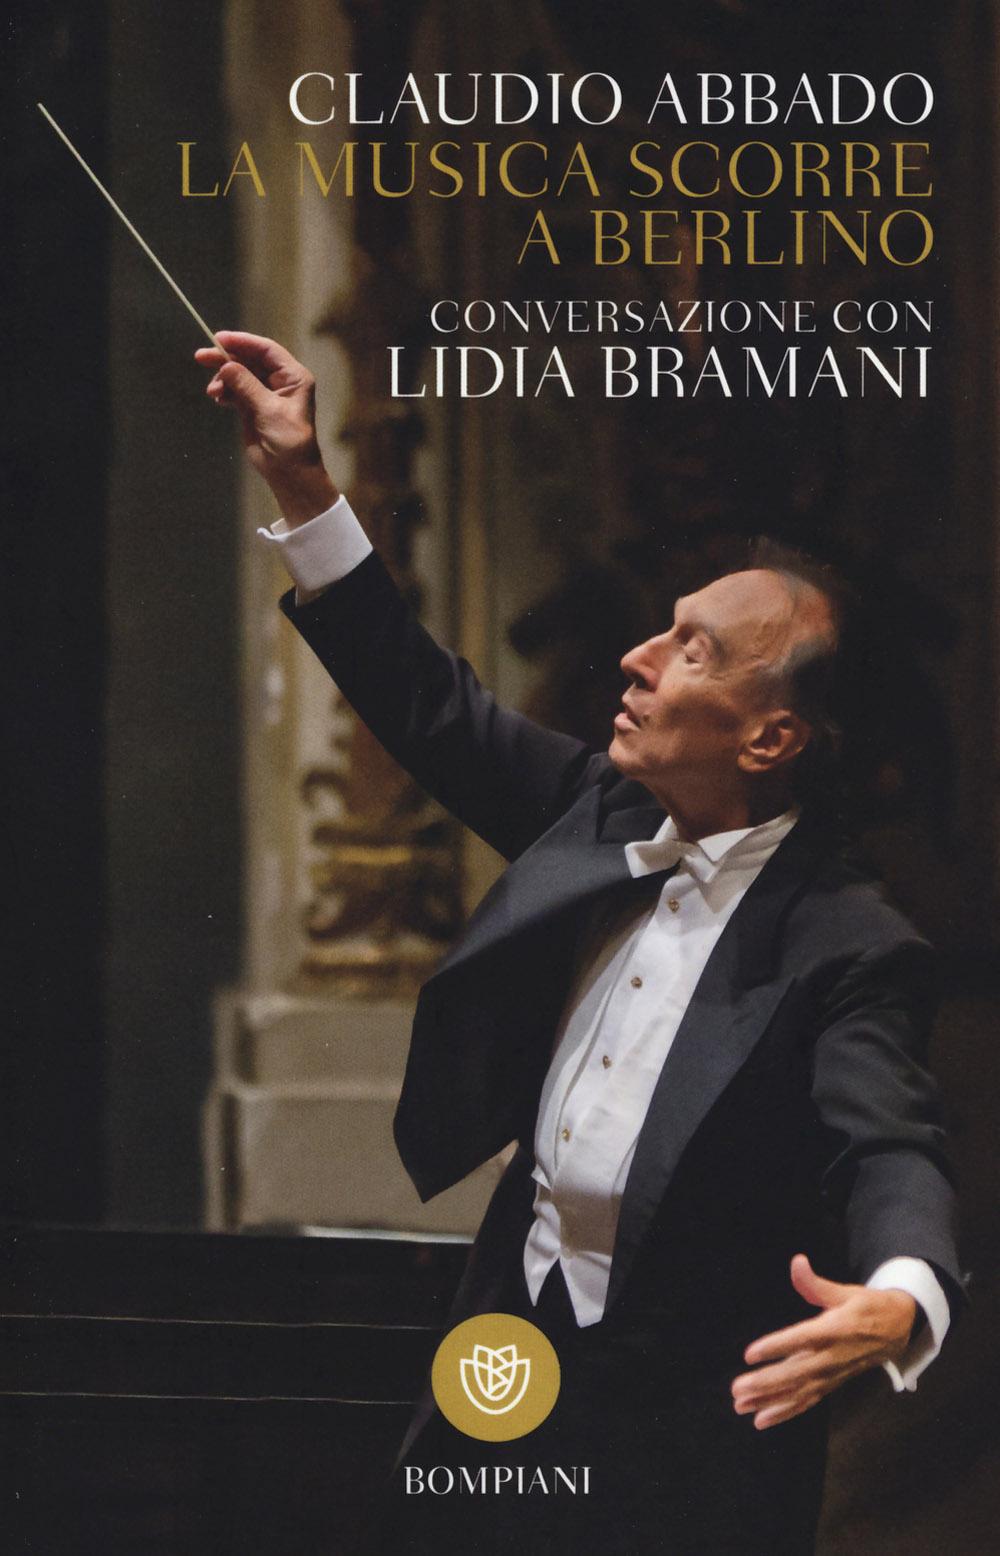 La musica scorre a Berlino. Conversazione con Lidia Bramani